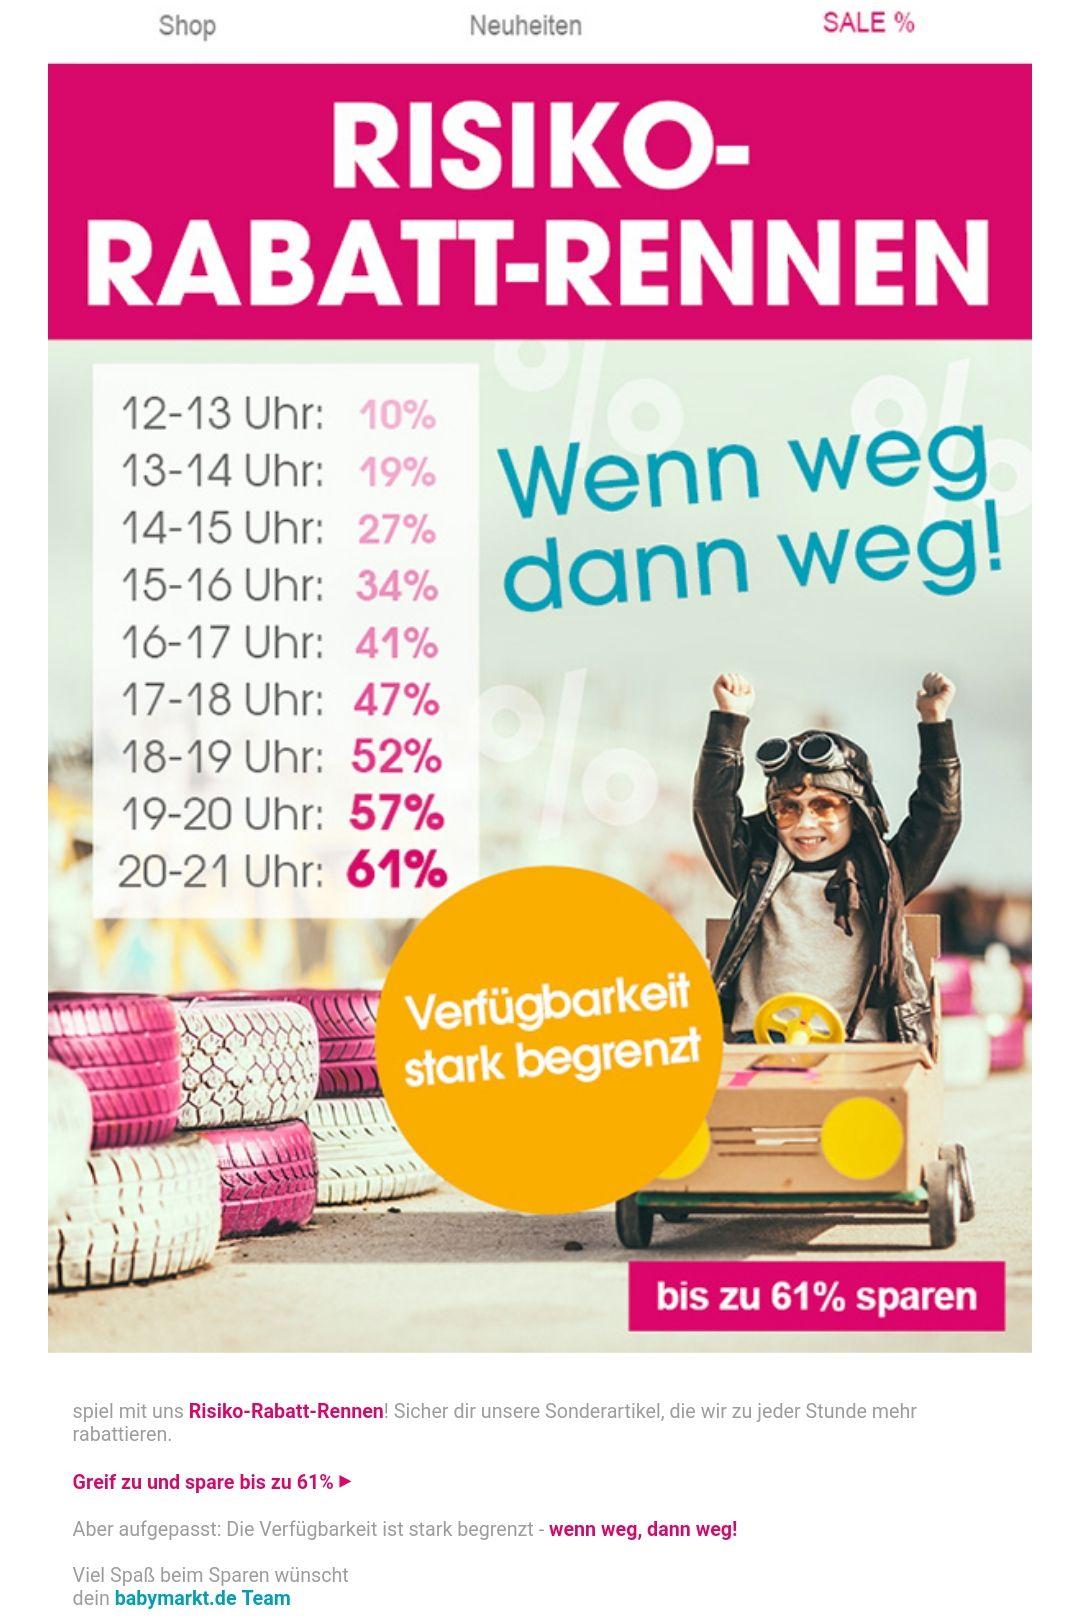 """[Babymarkt.de] Heute ab 12 Uhr bis 21 Uhr gibt es zwischen 10% und 61% Rabatt auf der """"Sonderartikel Seite"""""""